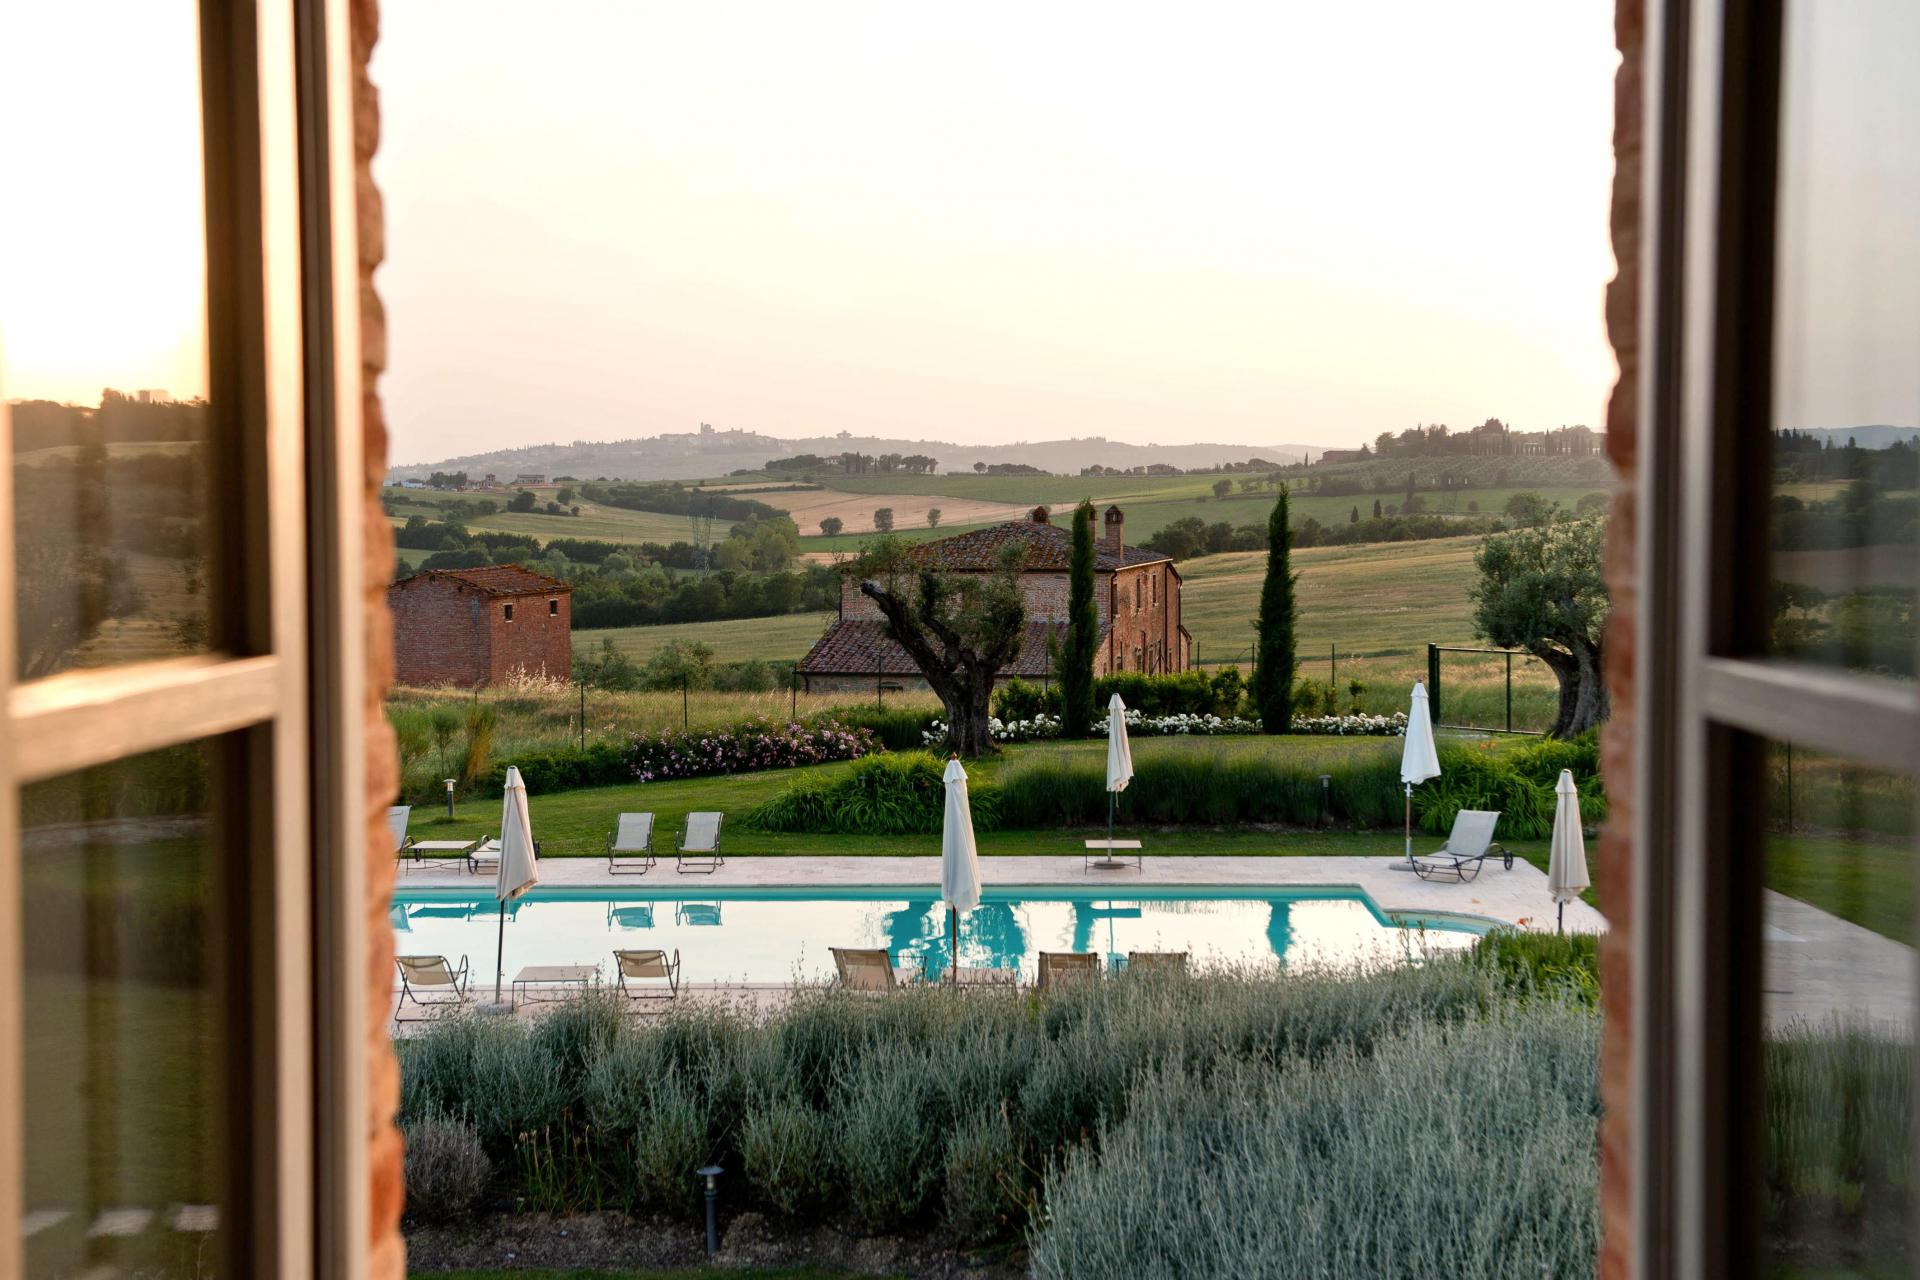 Agriturismo Umbrie Agriturismo Umbrie, vlakbij Assisi en met ontbijt